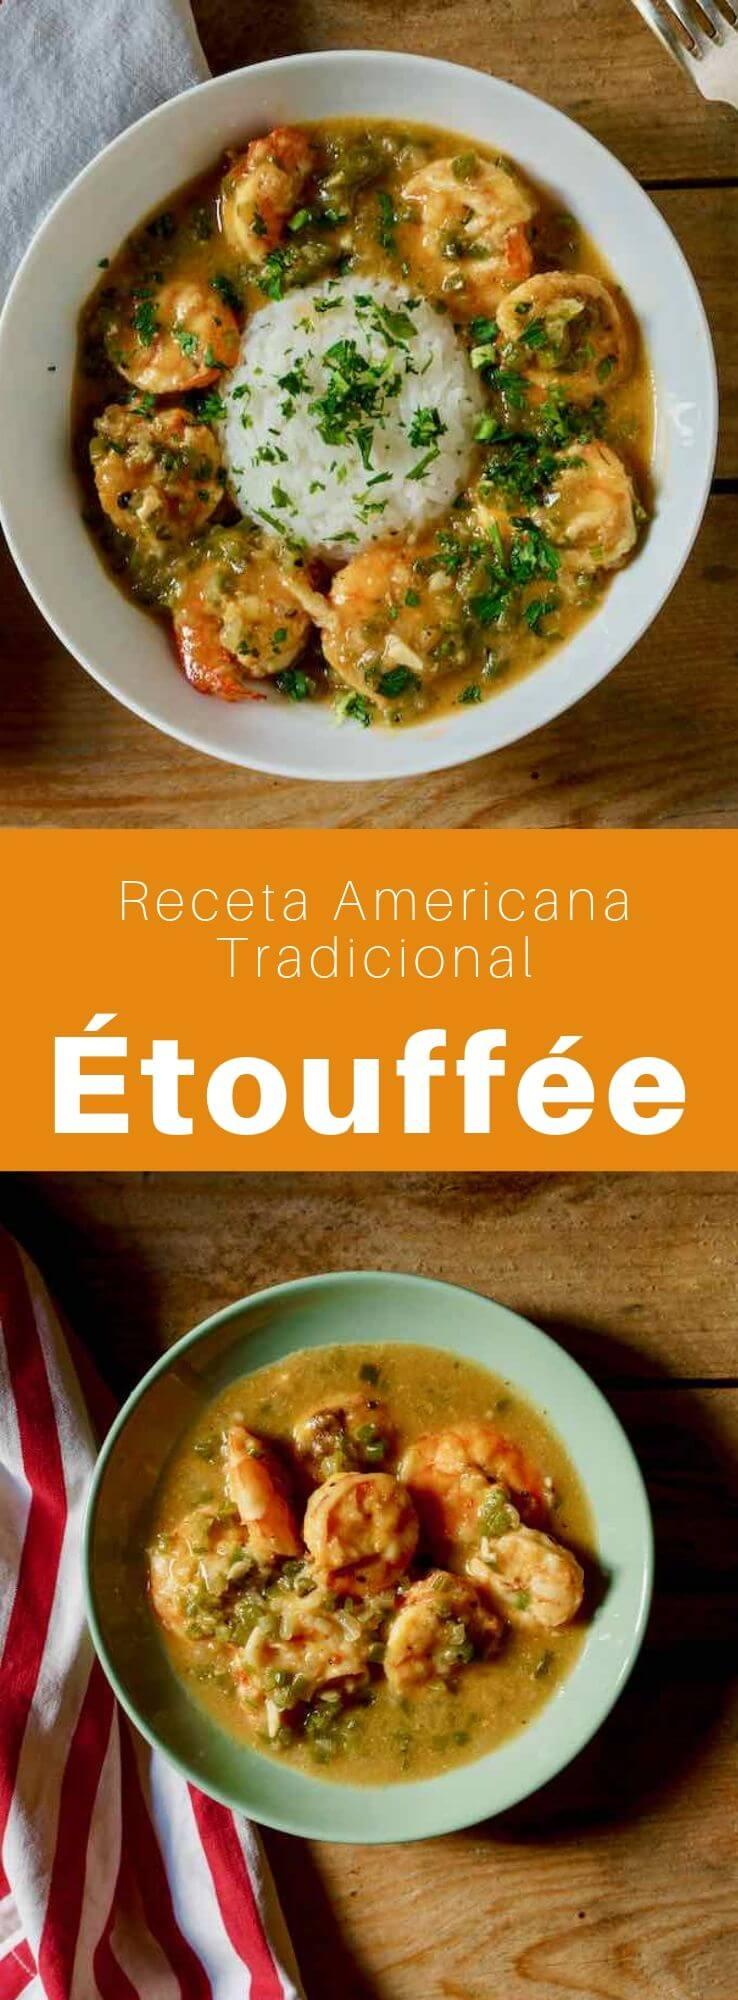 La étouffée es un delicioso plato tradicional de Luisiana con colas de cangrejo de río cocinadas en una sabrosa salsa de mantequilla con hierbas y especias.